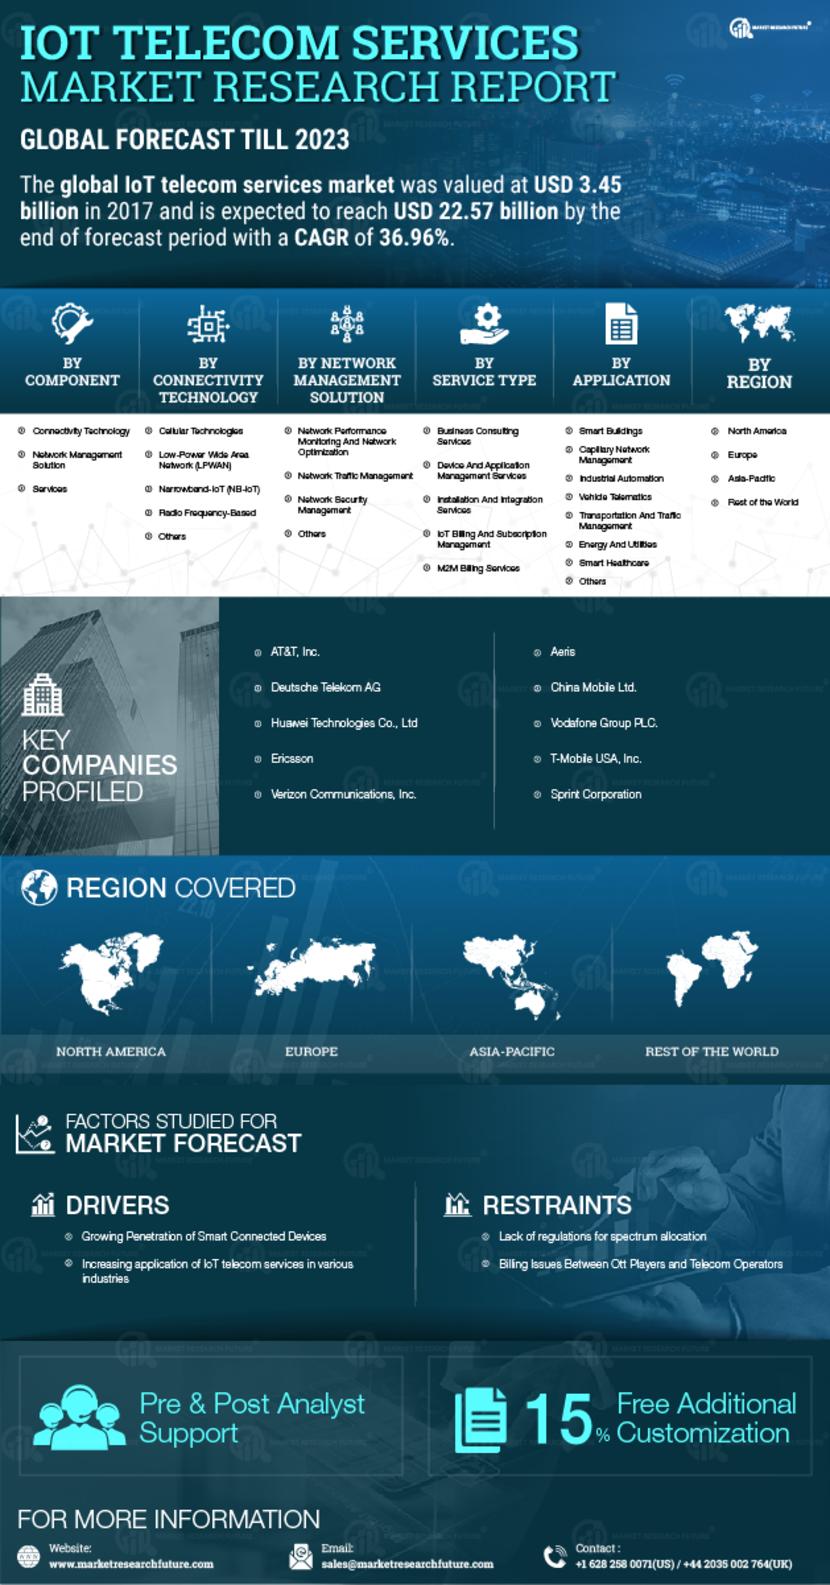 IoT Telecom Services Market